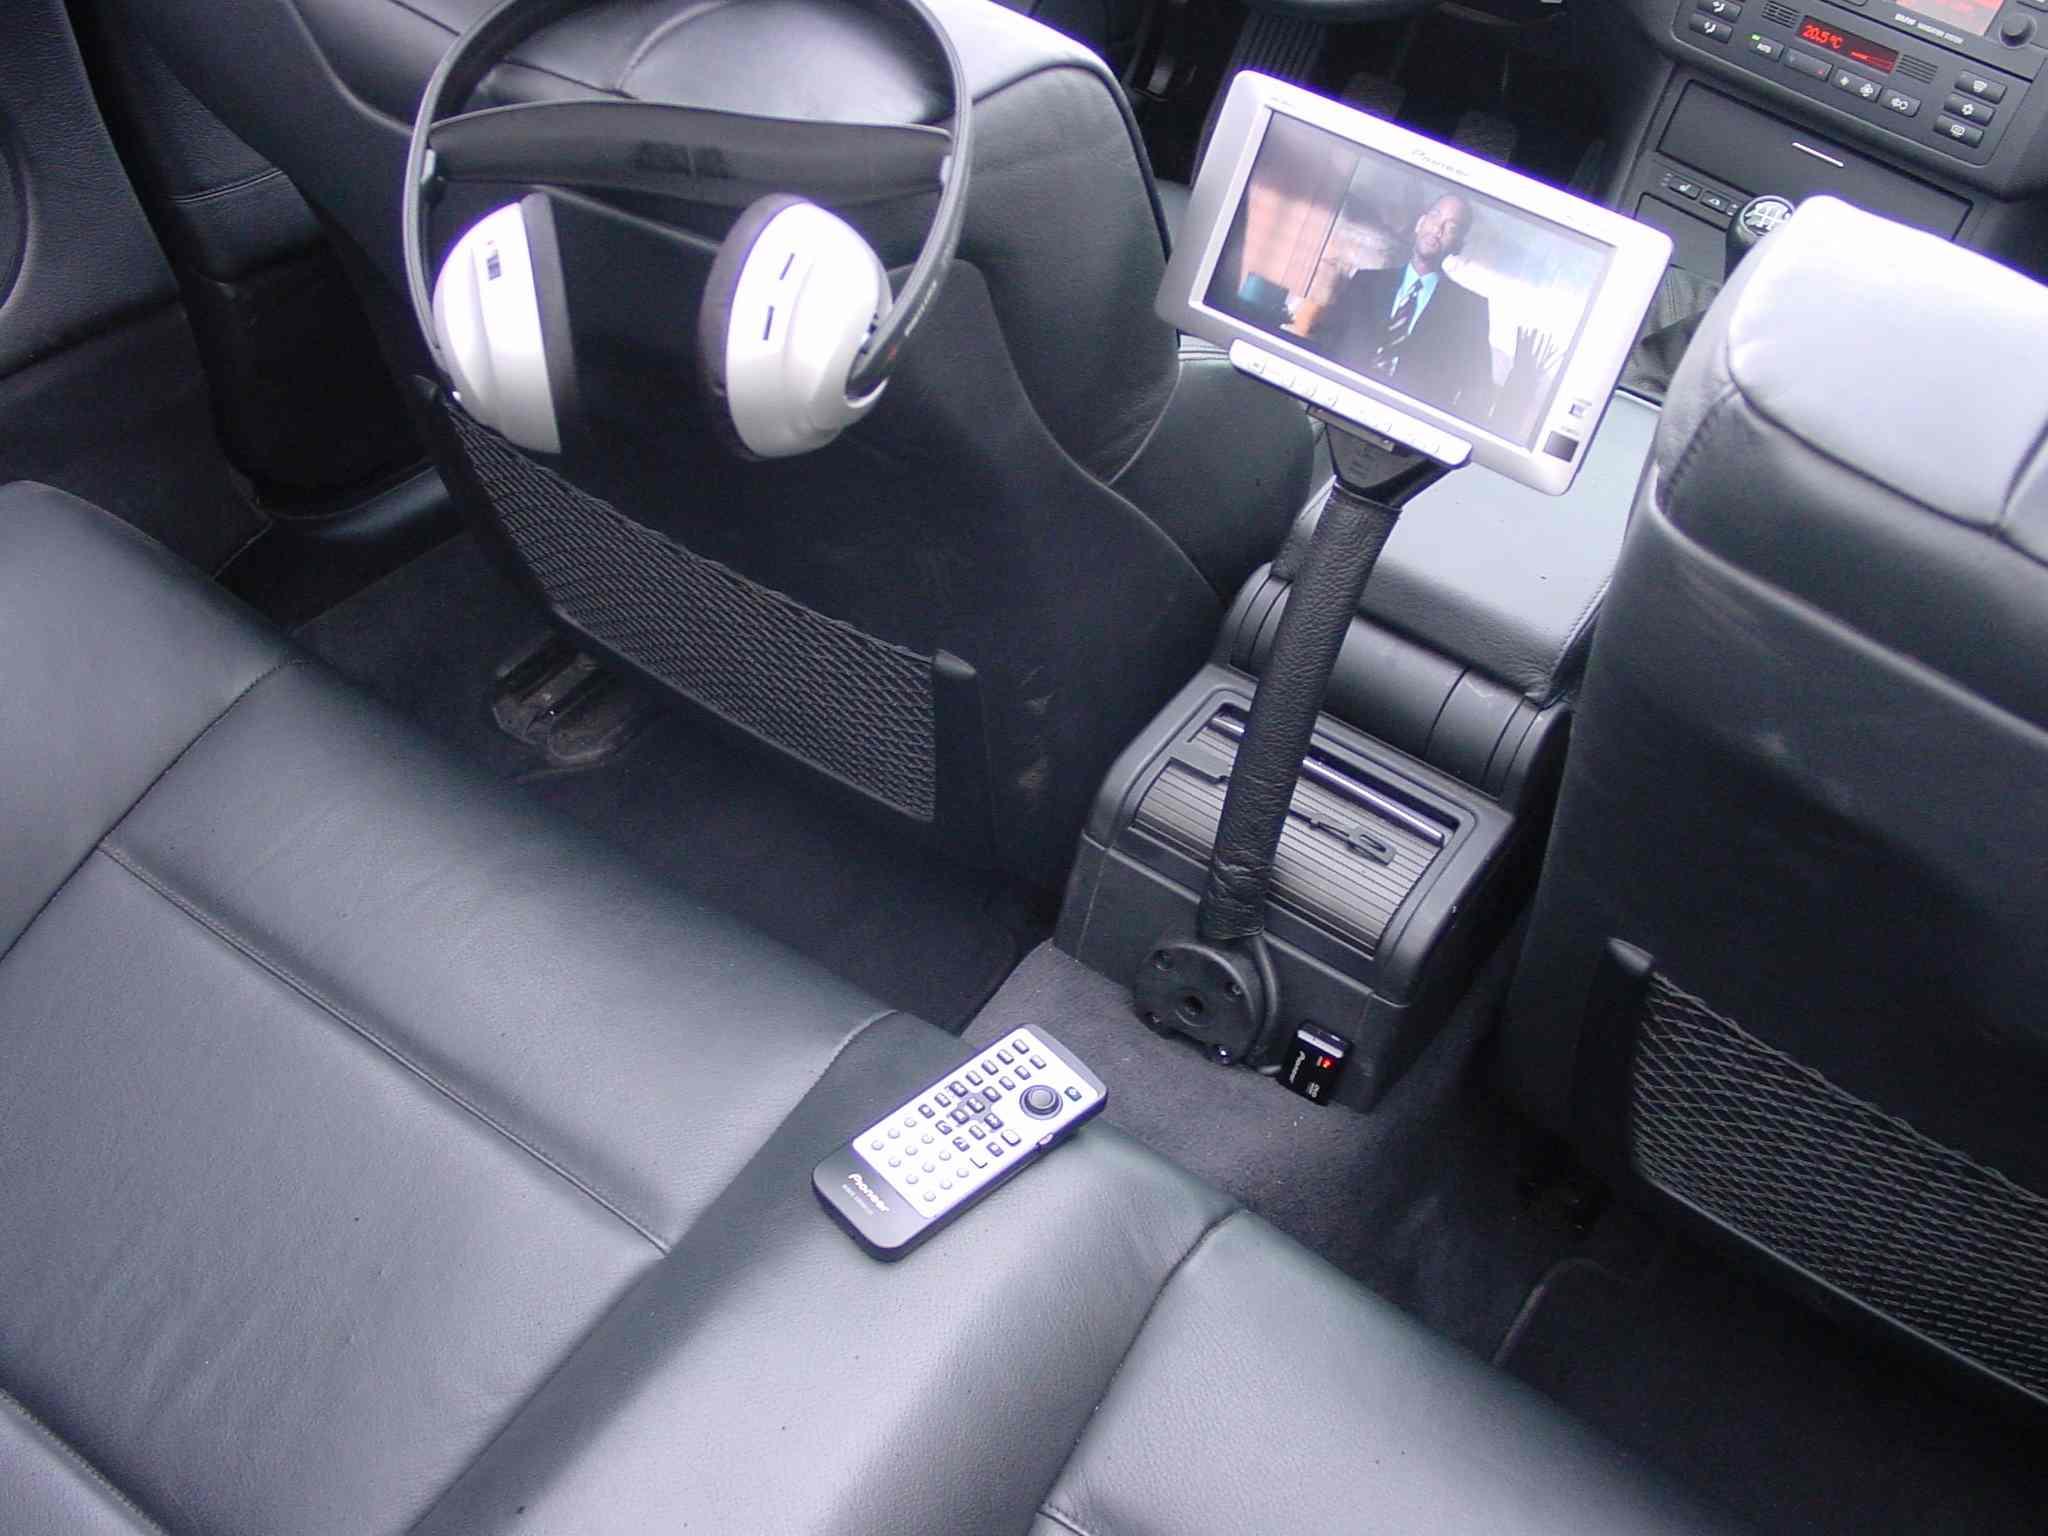 BMW E46 Monitor